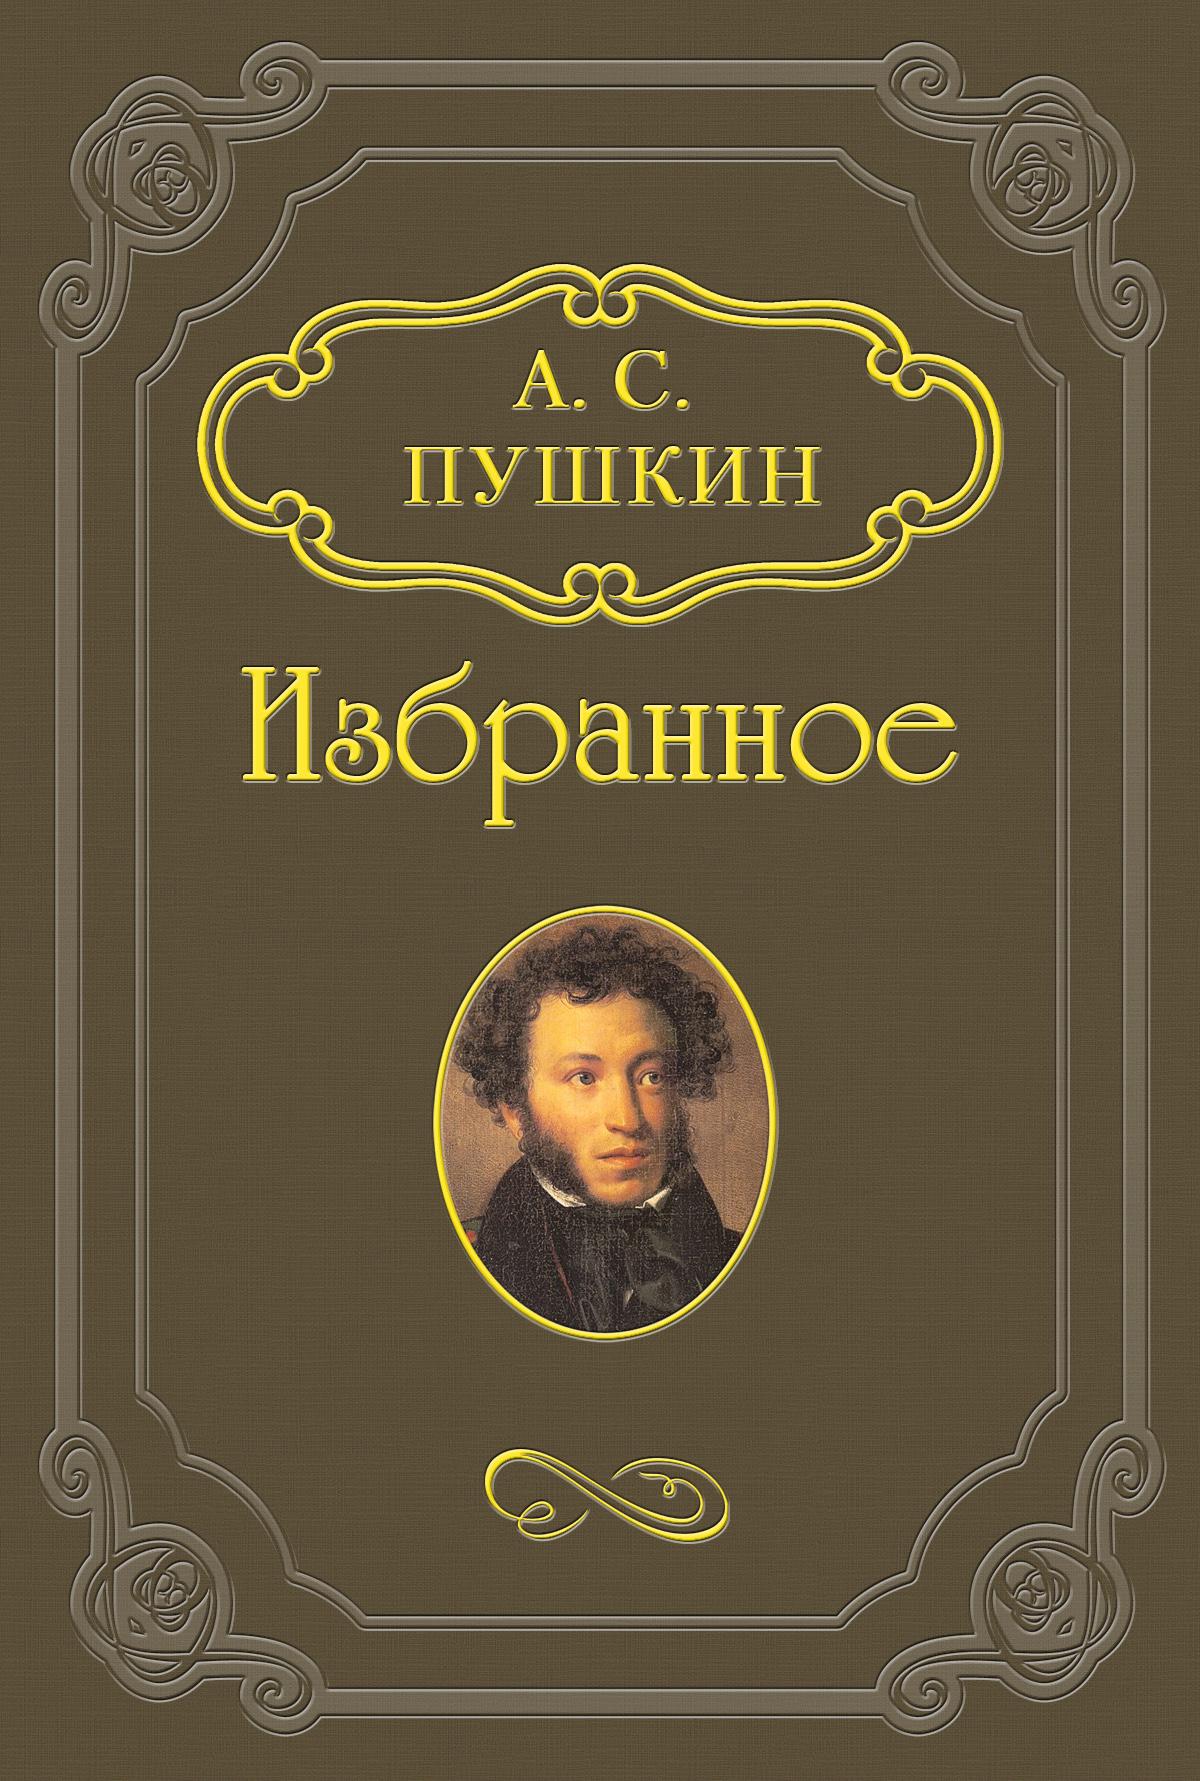 Александр Пушкин Езерский александр пушкин барышня крестьянка спектакль